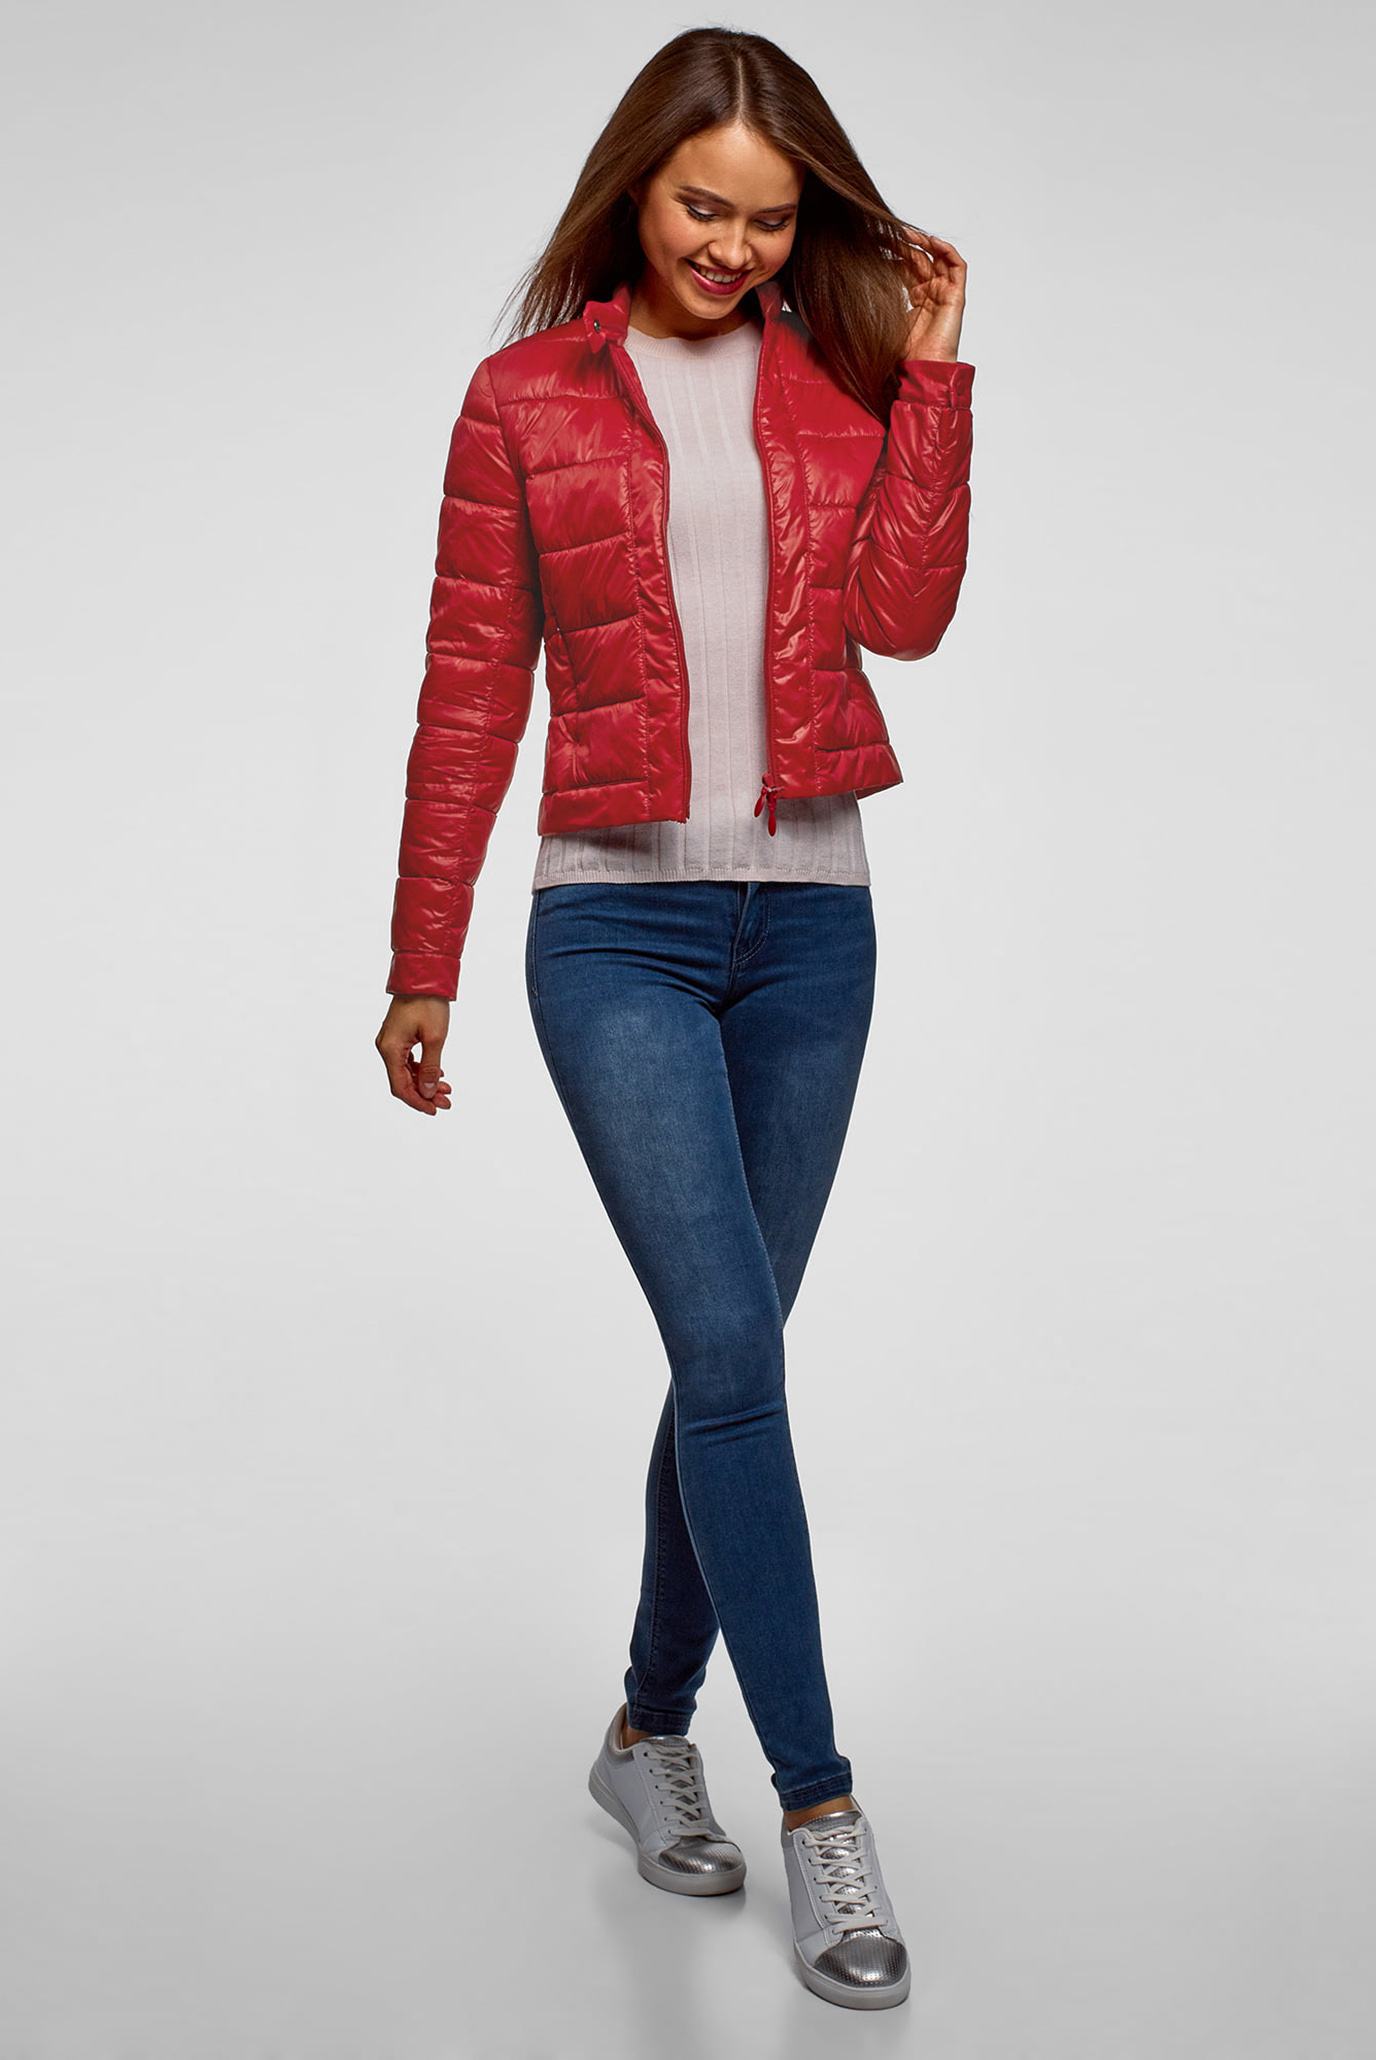 Купить Женская красная куртка Oodji Oodji 10203038-5B/33445/4504N – Киев, Украина. Цены в интернет магазине MD Fashion